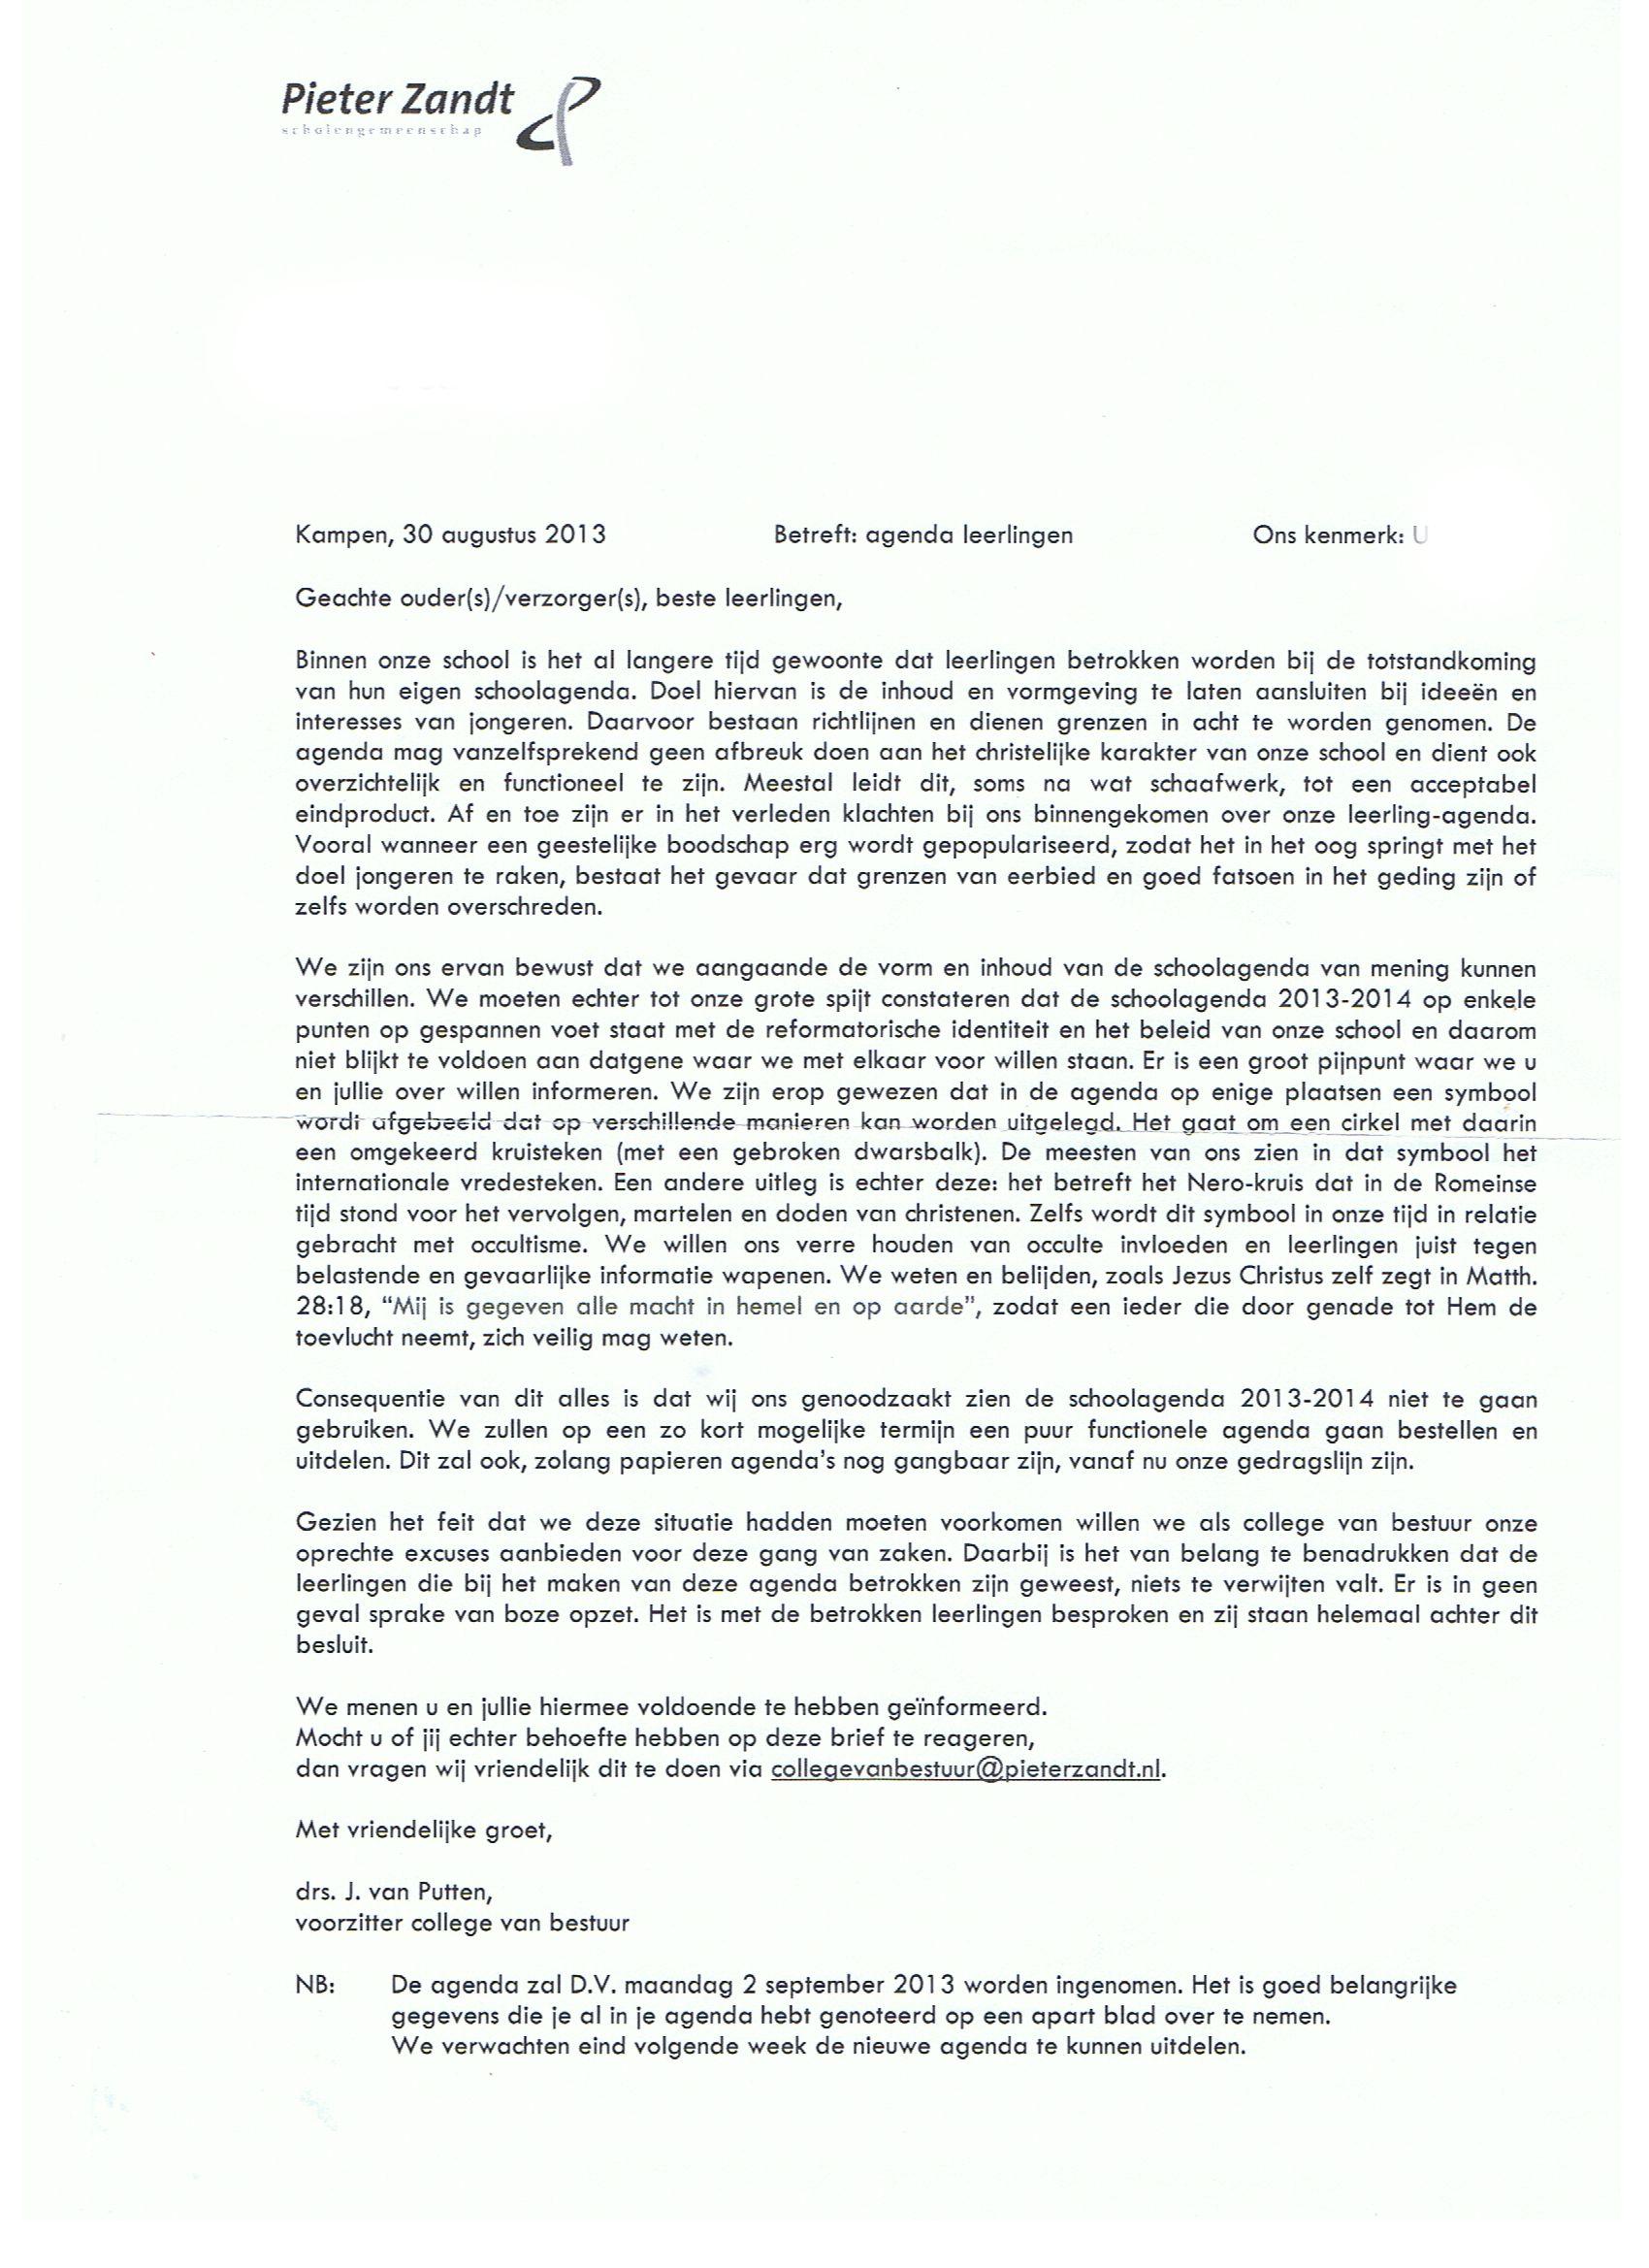 Pieter Zandt vernietigt eigen occulte leerlingenagenda